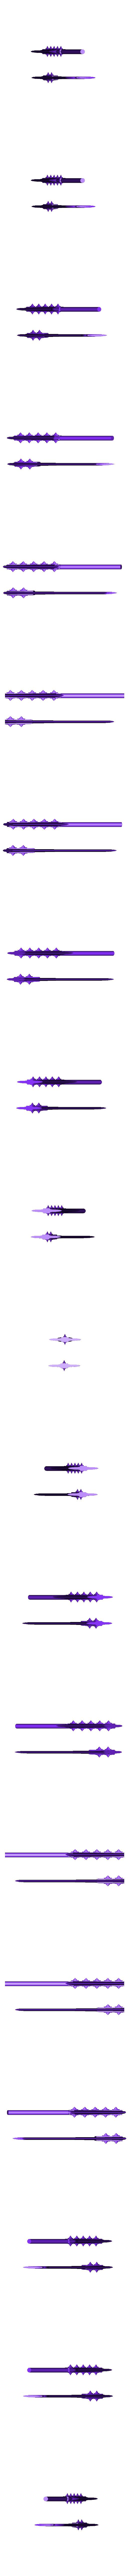 8master_sword.stl Télécharger fichier STL gratuit Robot articulé personnalisable • Plan pour impression 3D, LittleTup